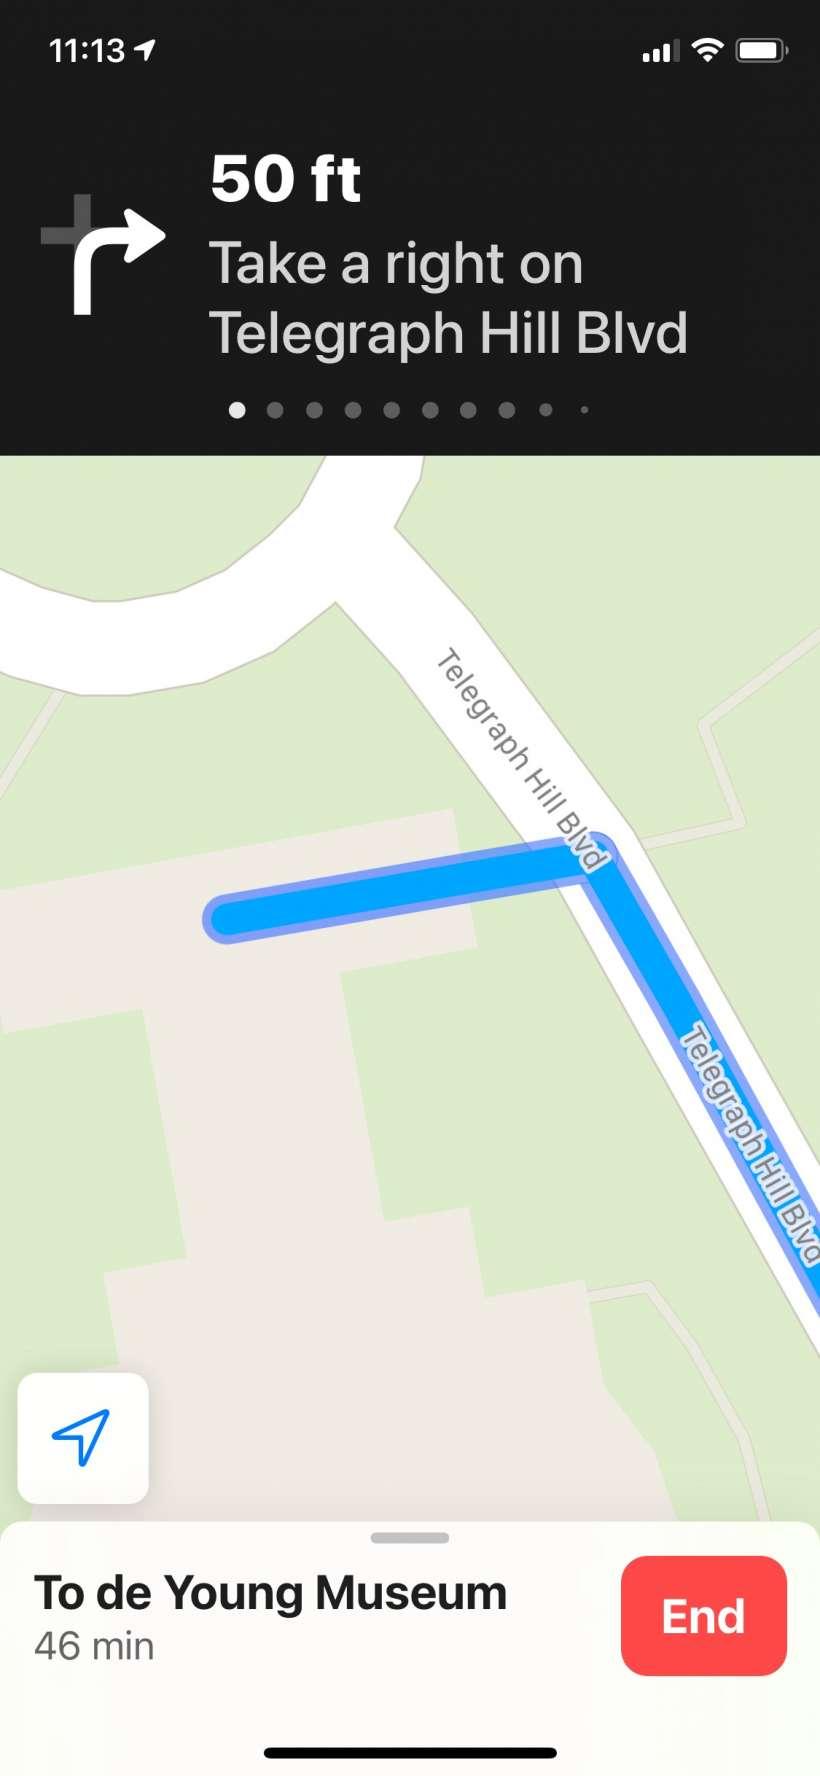 Como se utilizan las indicaciones sobre bicicleta / bicicleta en Apple Maps en el iPhone y el iPad.